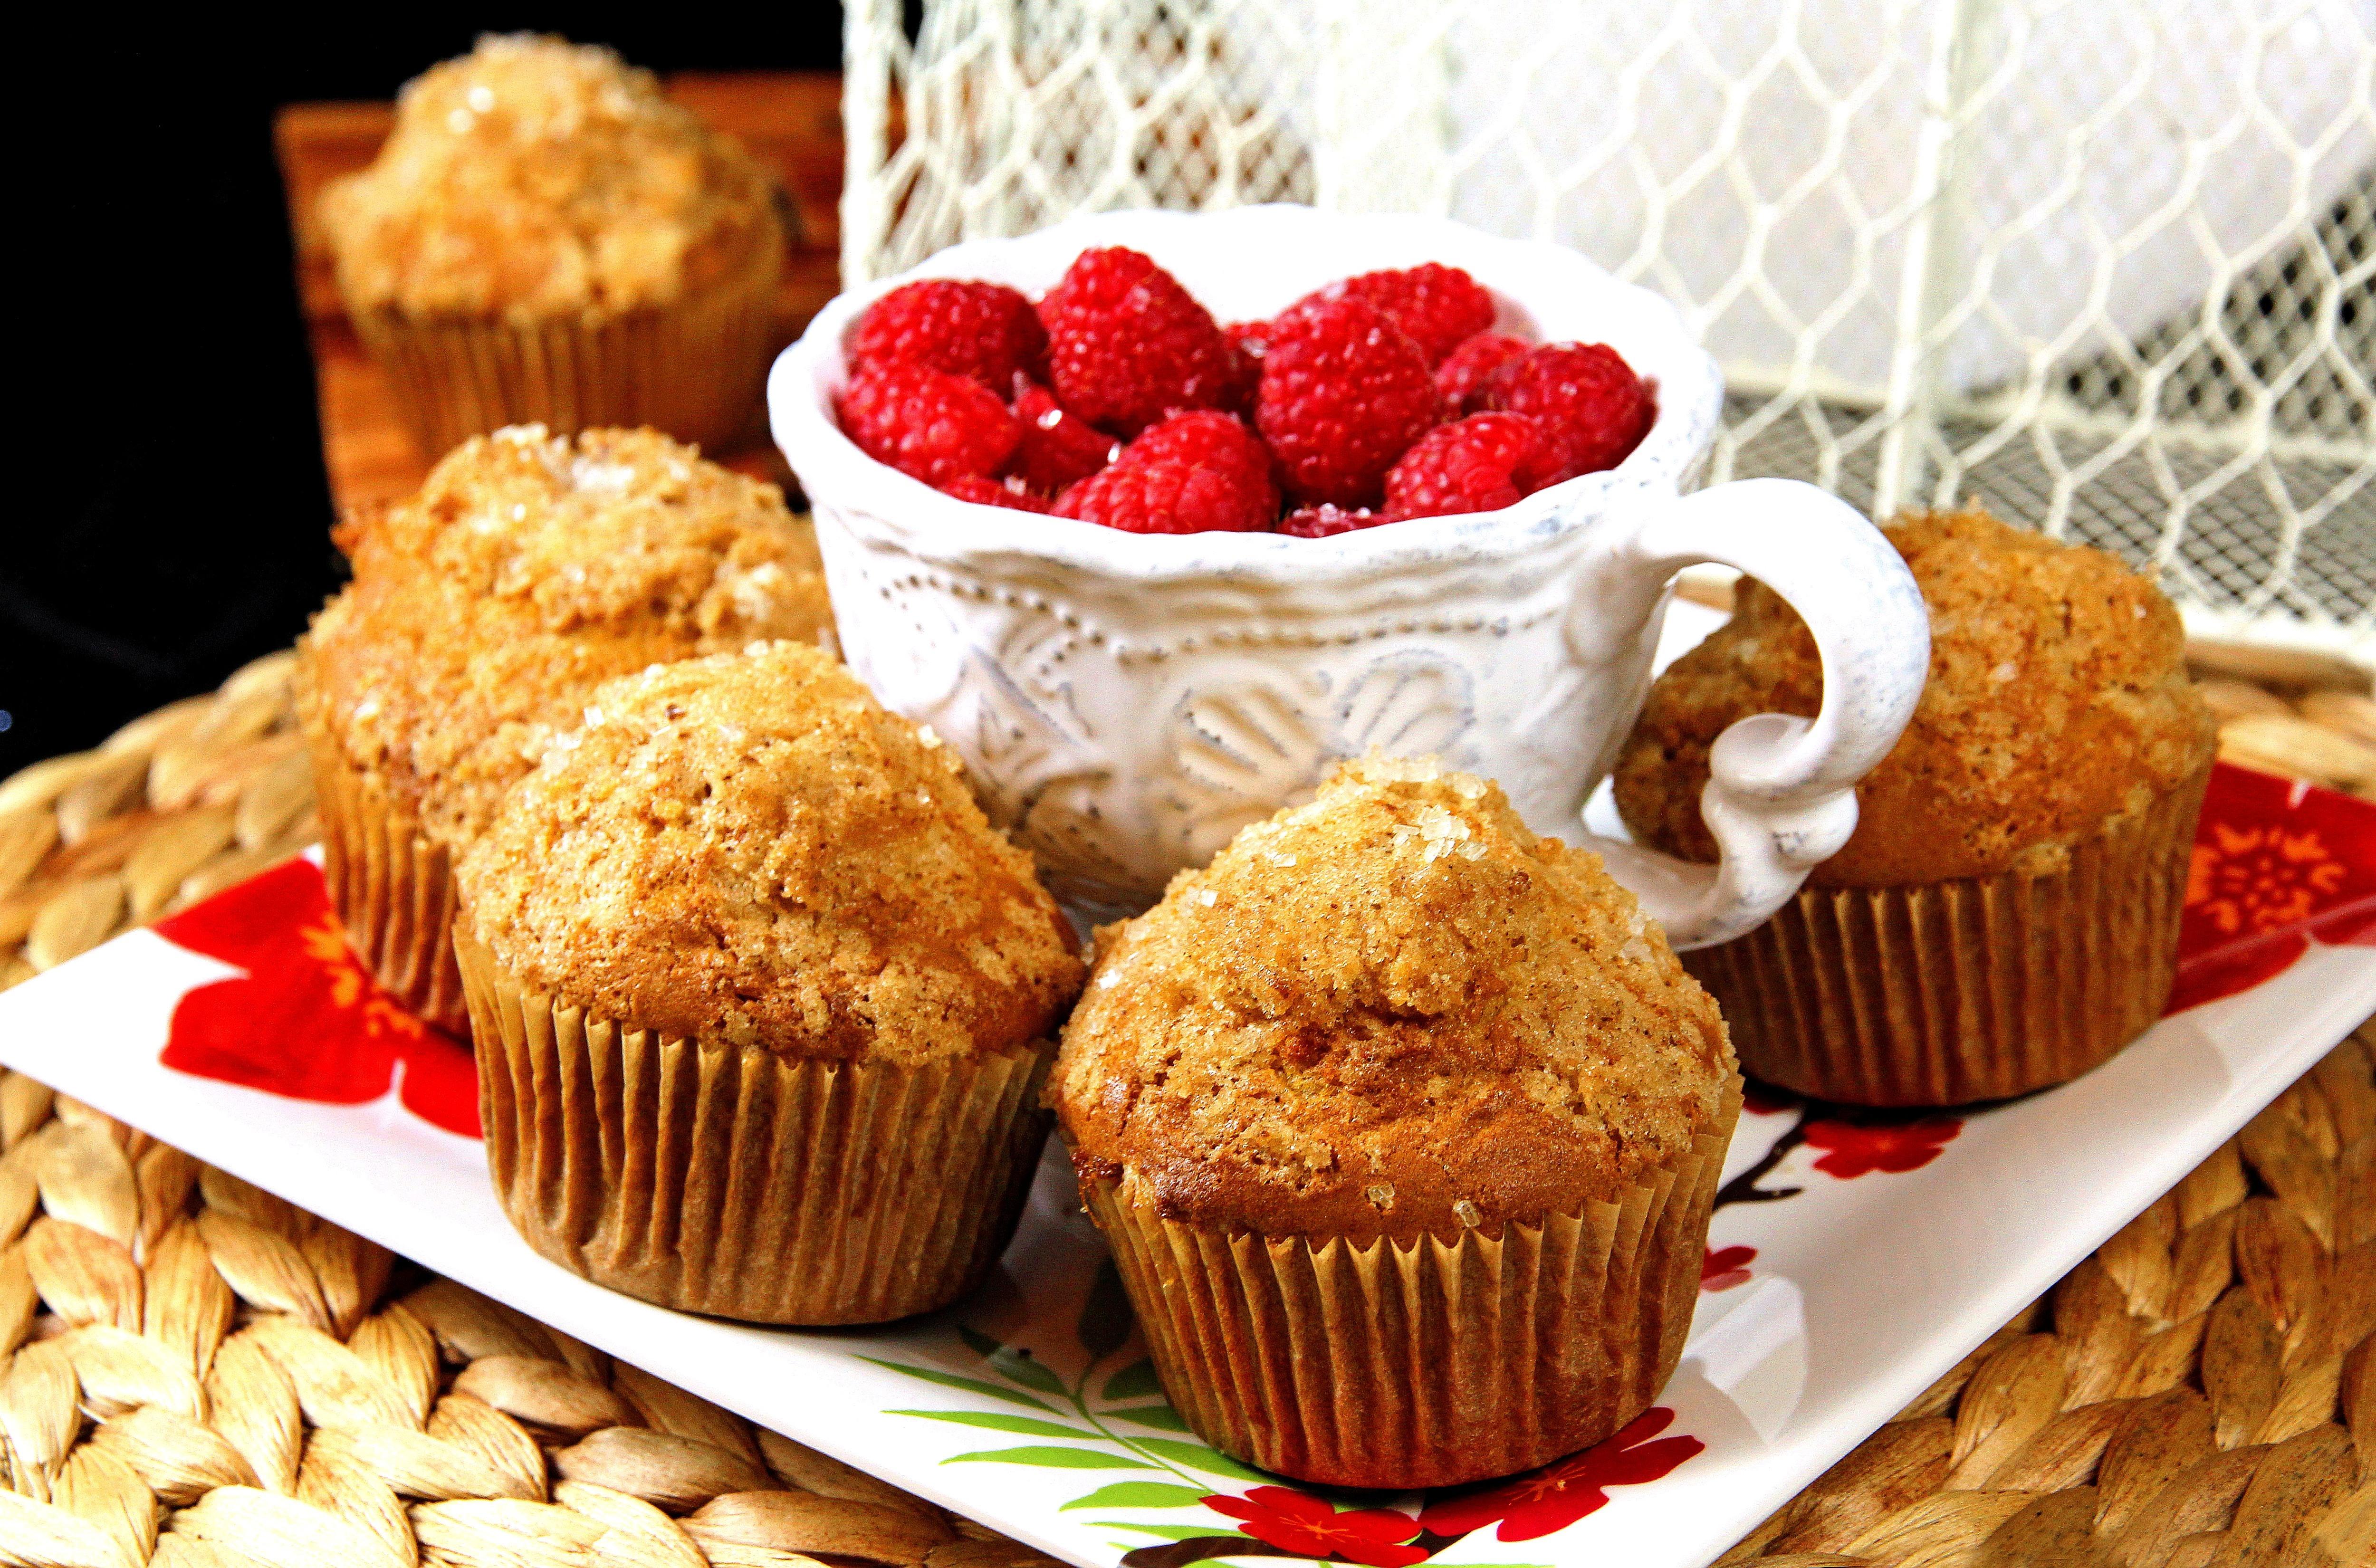 еда ягоды кексы  № 2152801 бесплатно